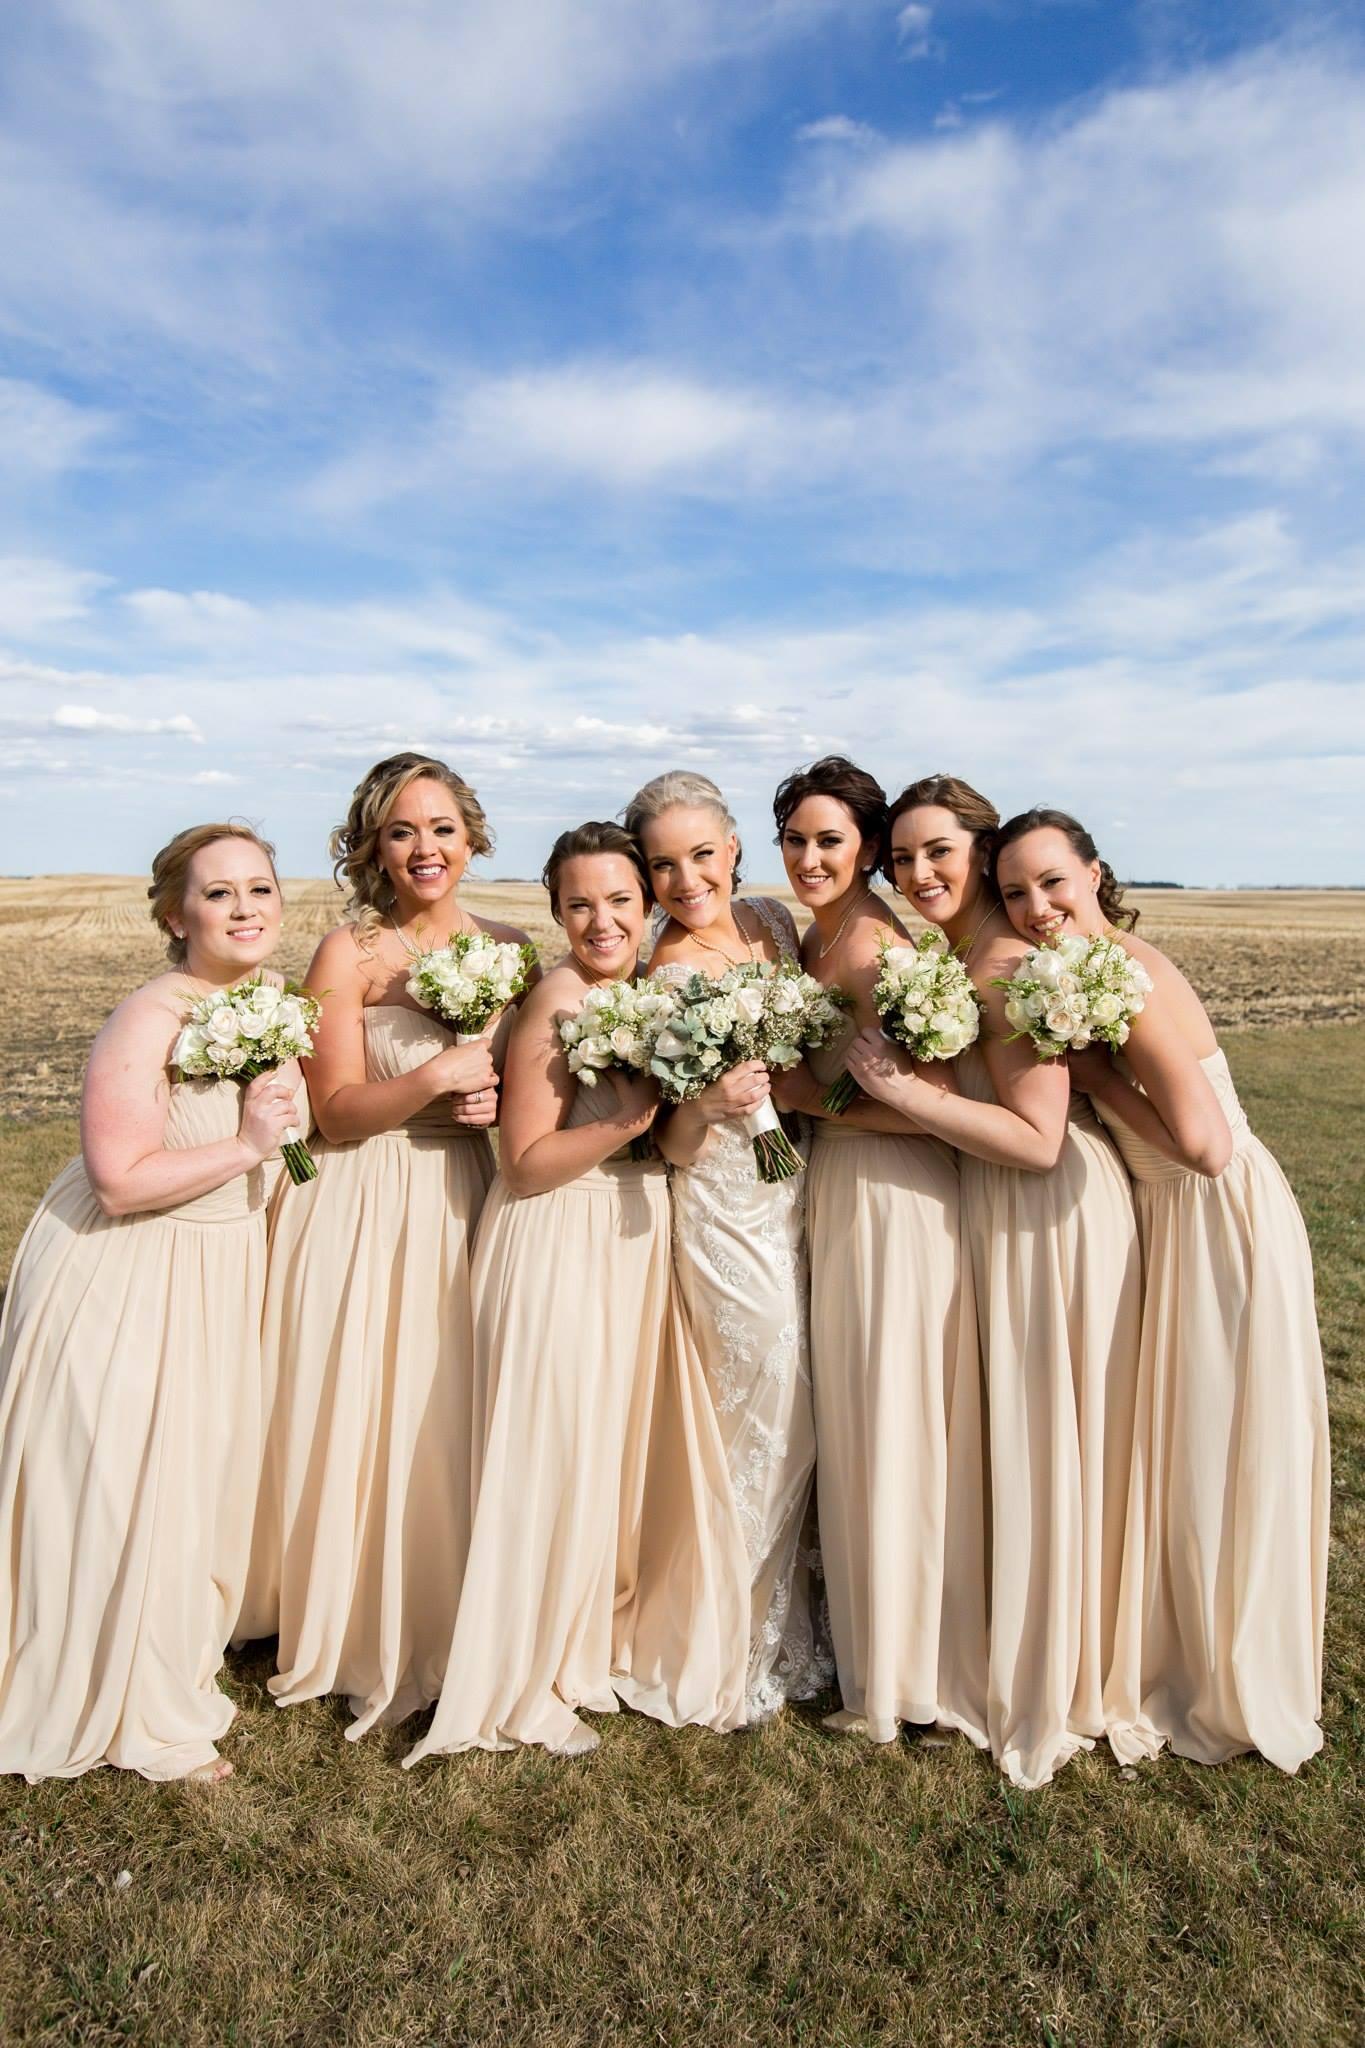 Janine's bridal part-photo Emily Exon